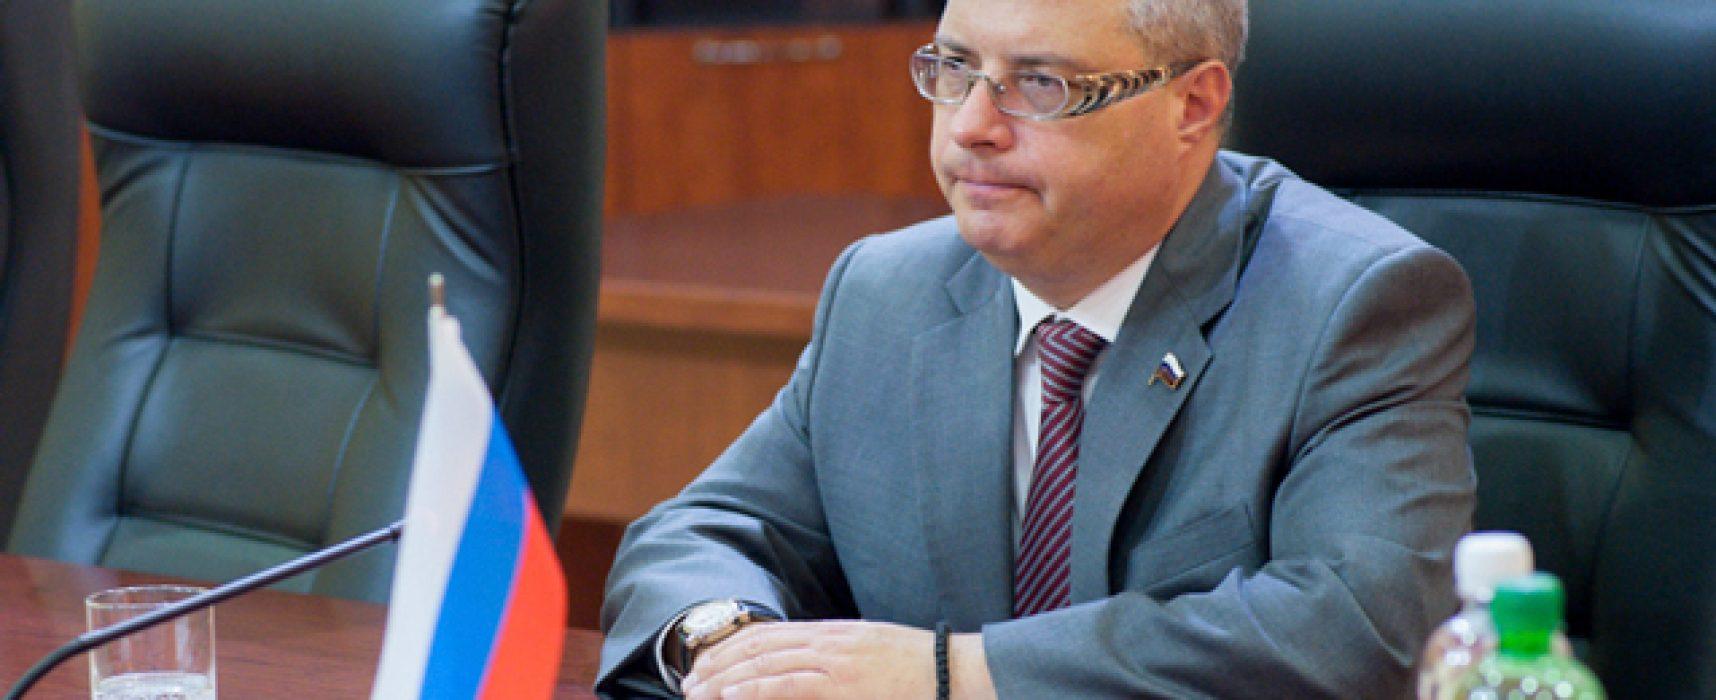 Игорь Яковенко: Цена филейной части депутата Гаврилова